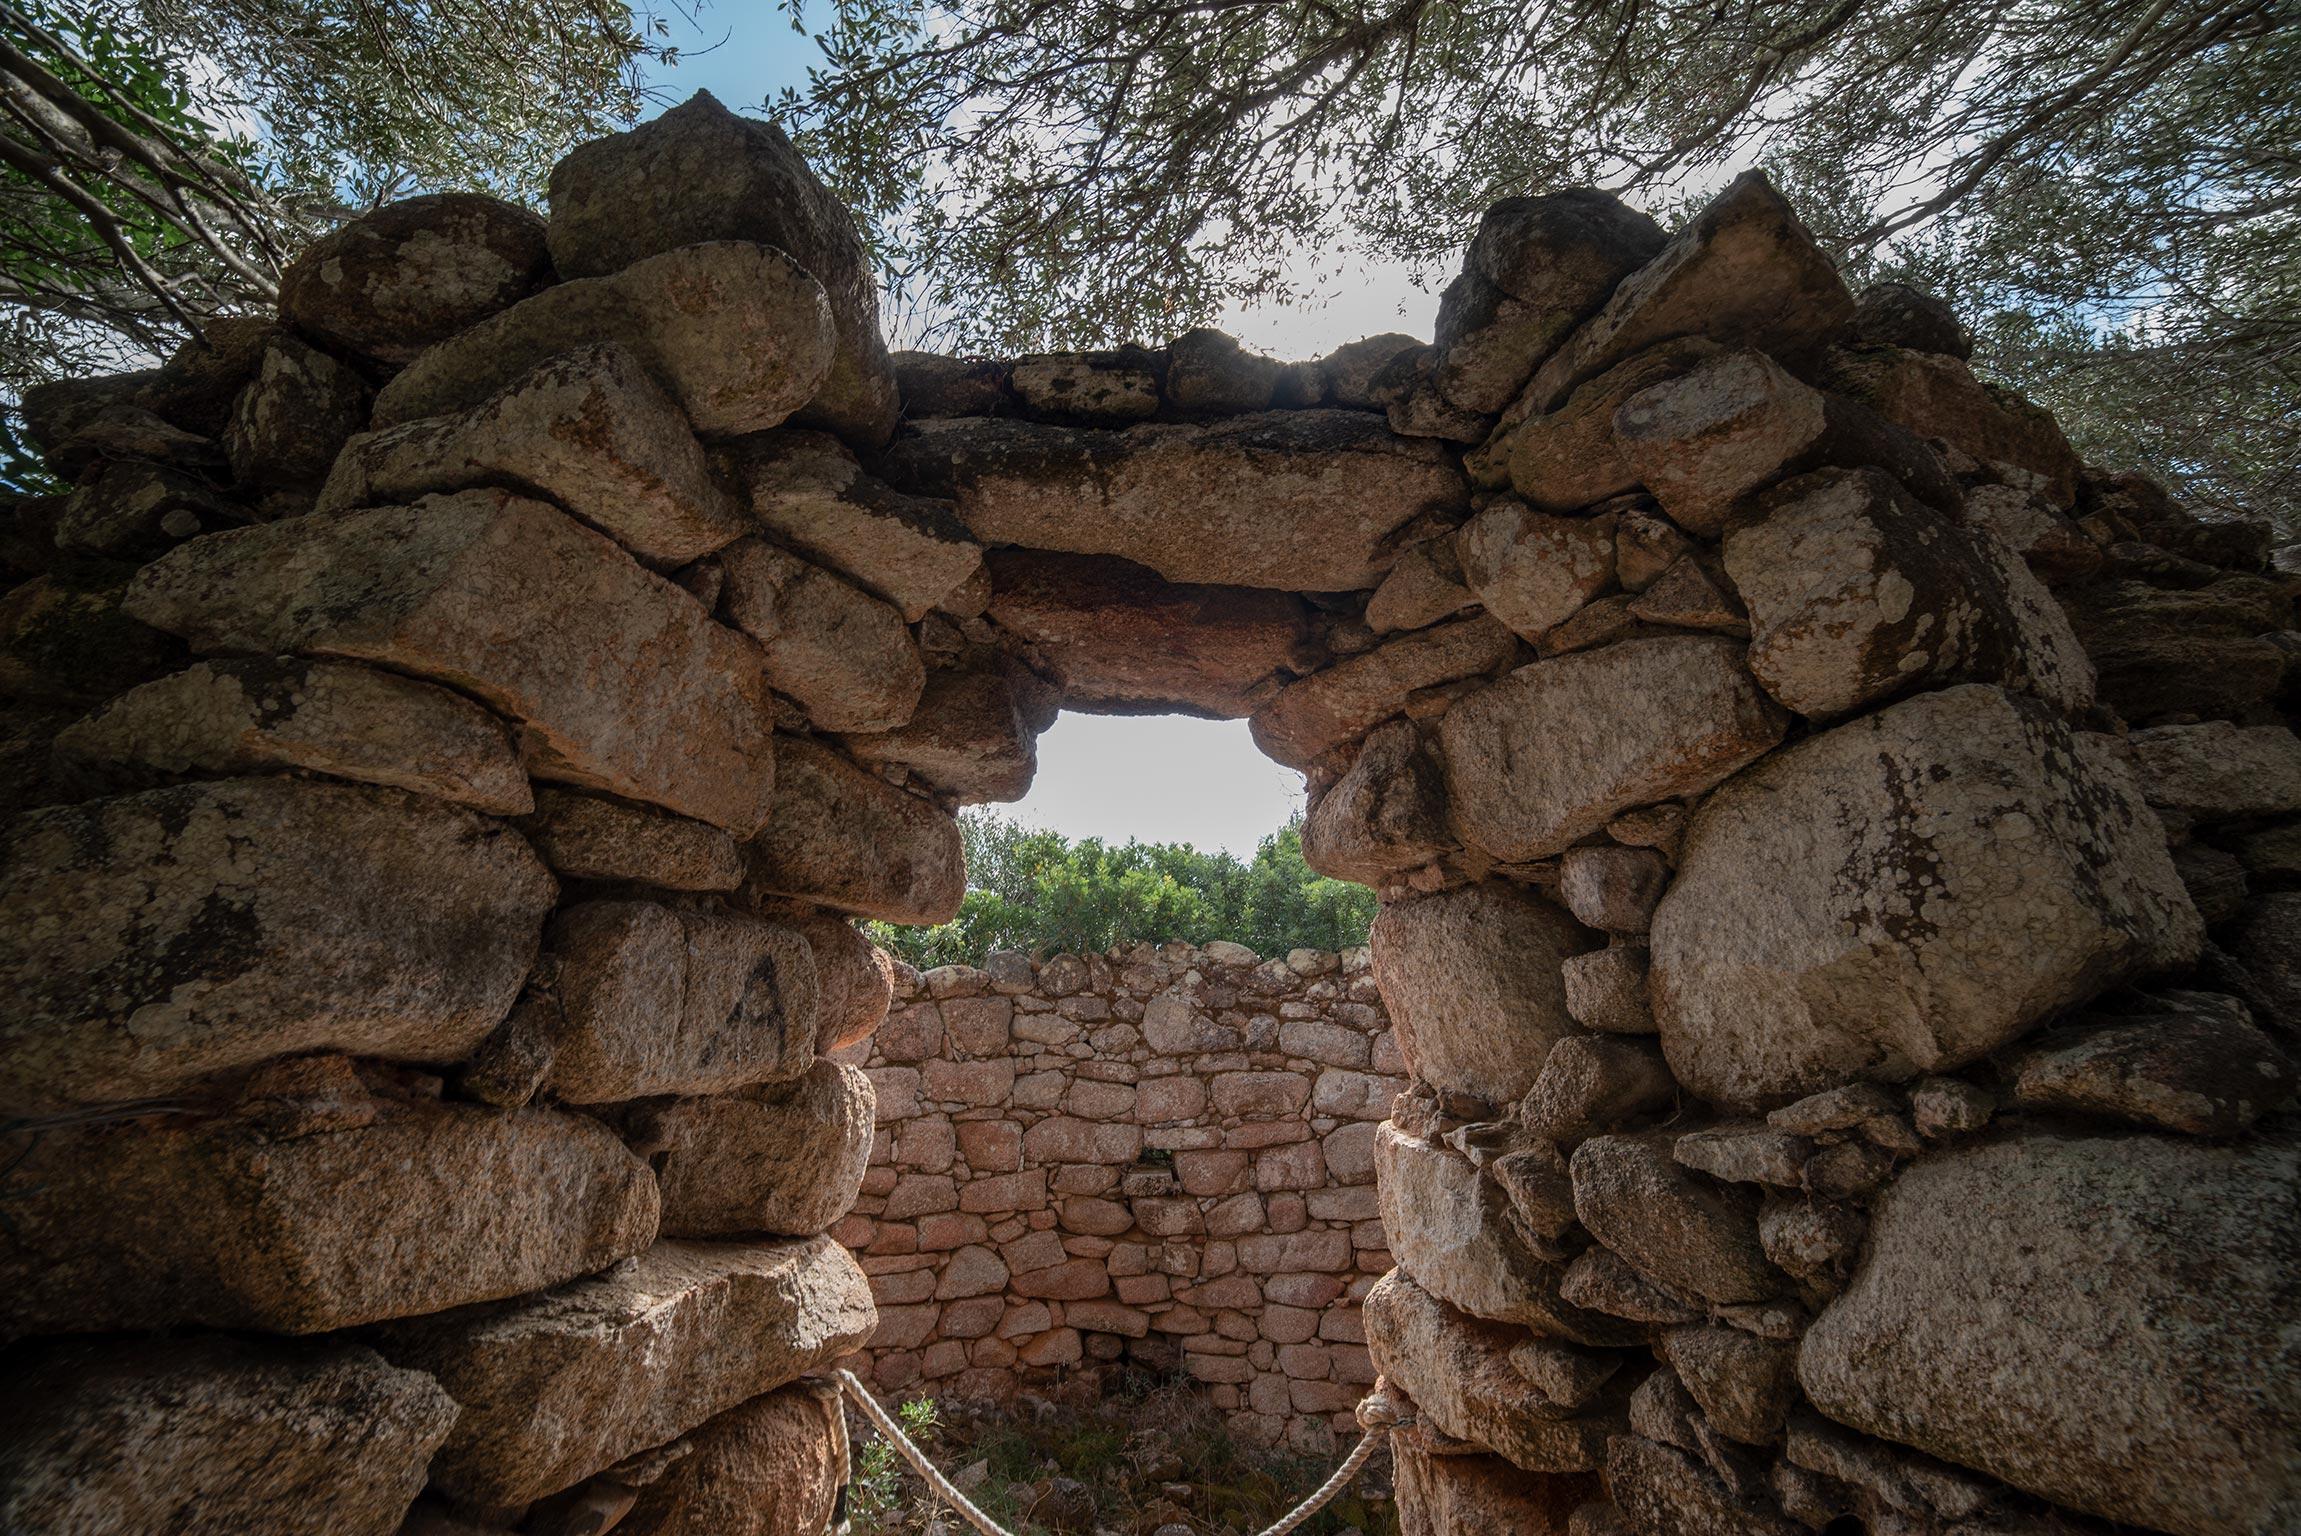 Torre visitabile del Sito archeologico Lu Brandali